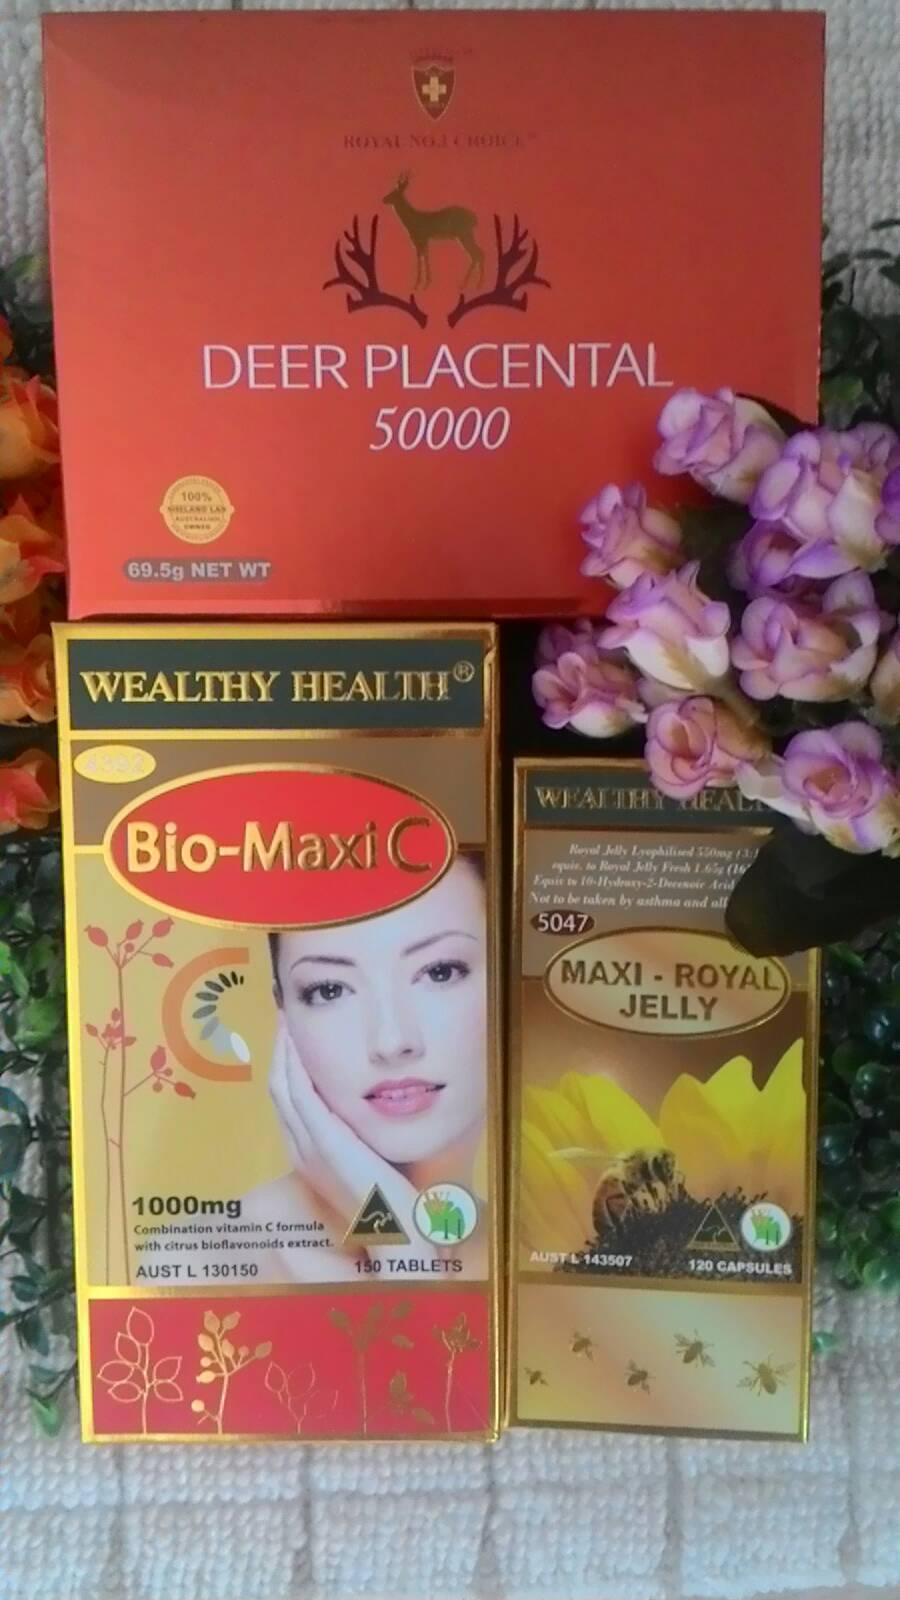 เซ็ทคู่สุดคุ้ม biosis Red Grape Seed 38,000 mg 1ปุก 100 เม็ด+นมผึ้งออสเวย์1,600mg. 1 ปุก 100เม็ด ผิวขาวใส สุขภาพดี